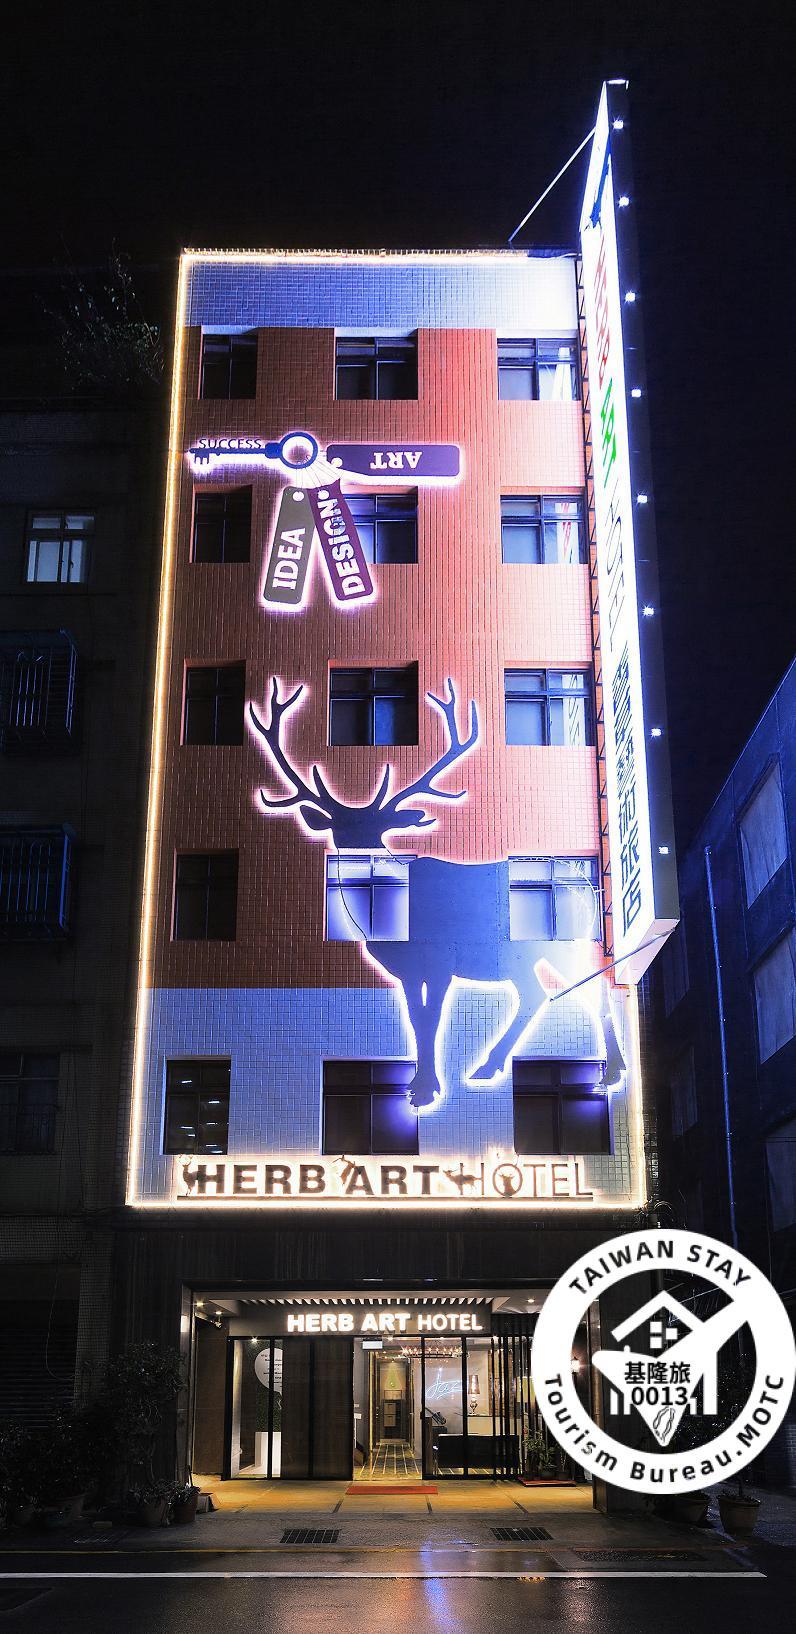 香草藝術旅店